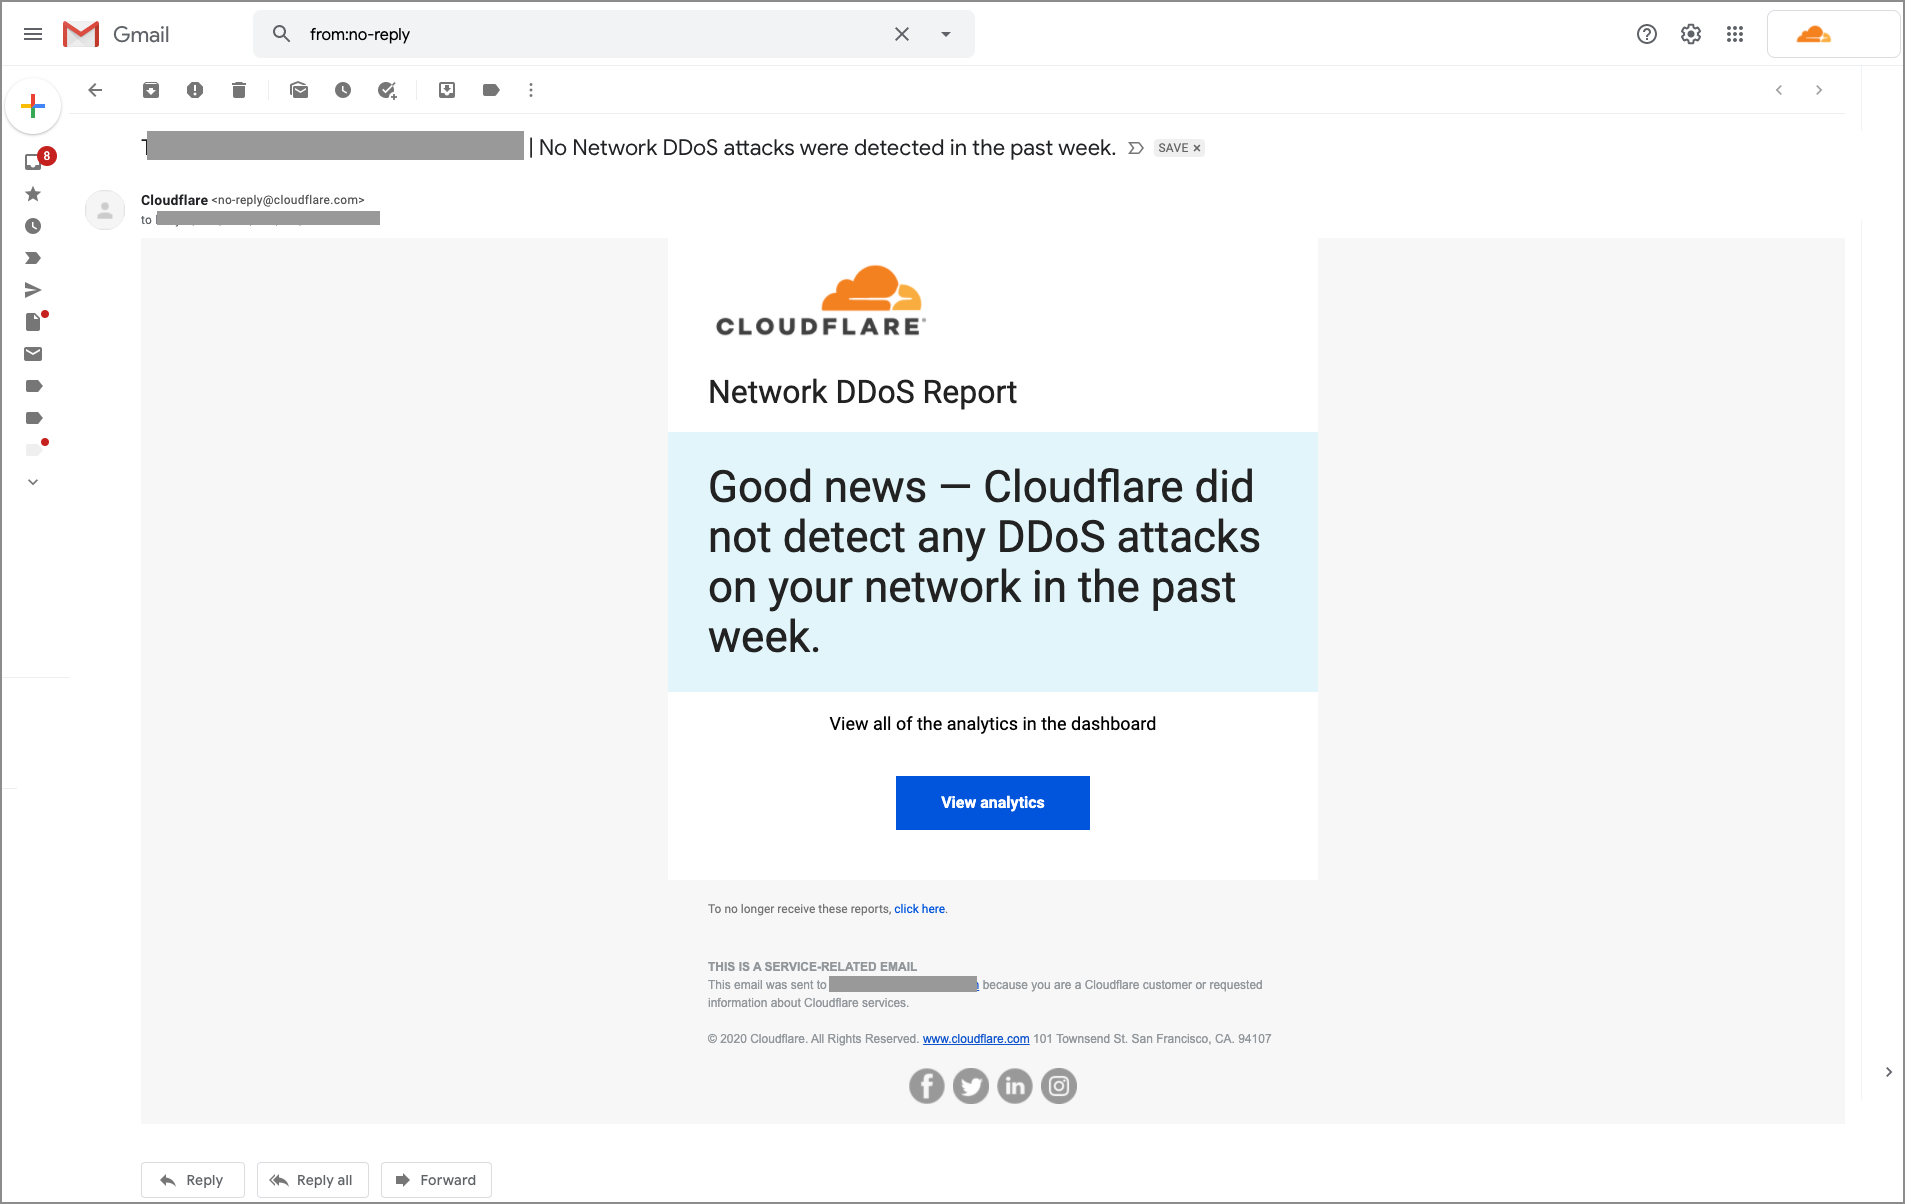 Exemple de rapport DDoS Cloudflare lorsque Cloudflare n'a détecté aucune attaque durant la semaine passée.